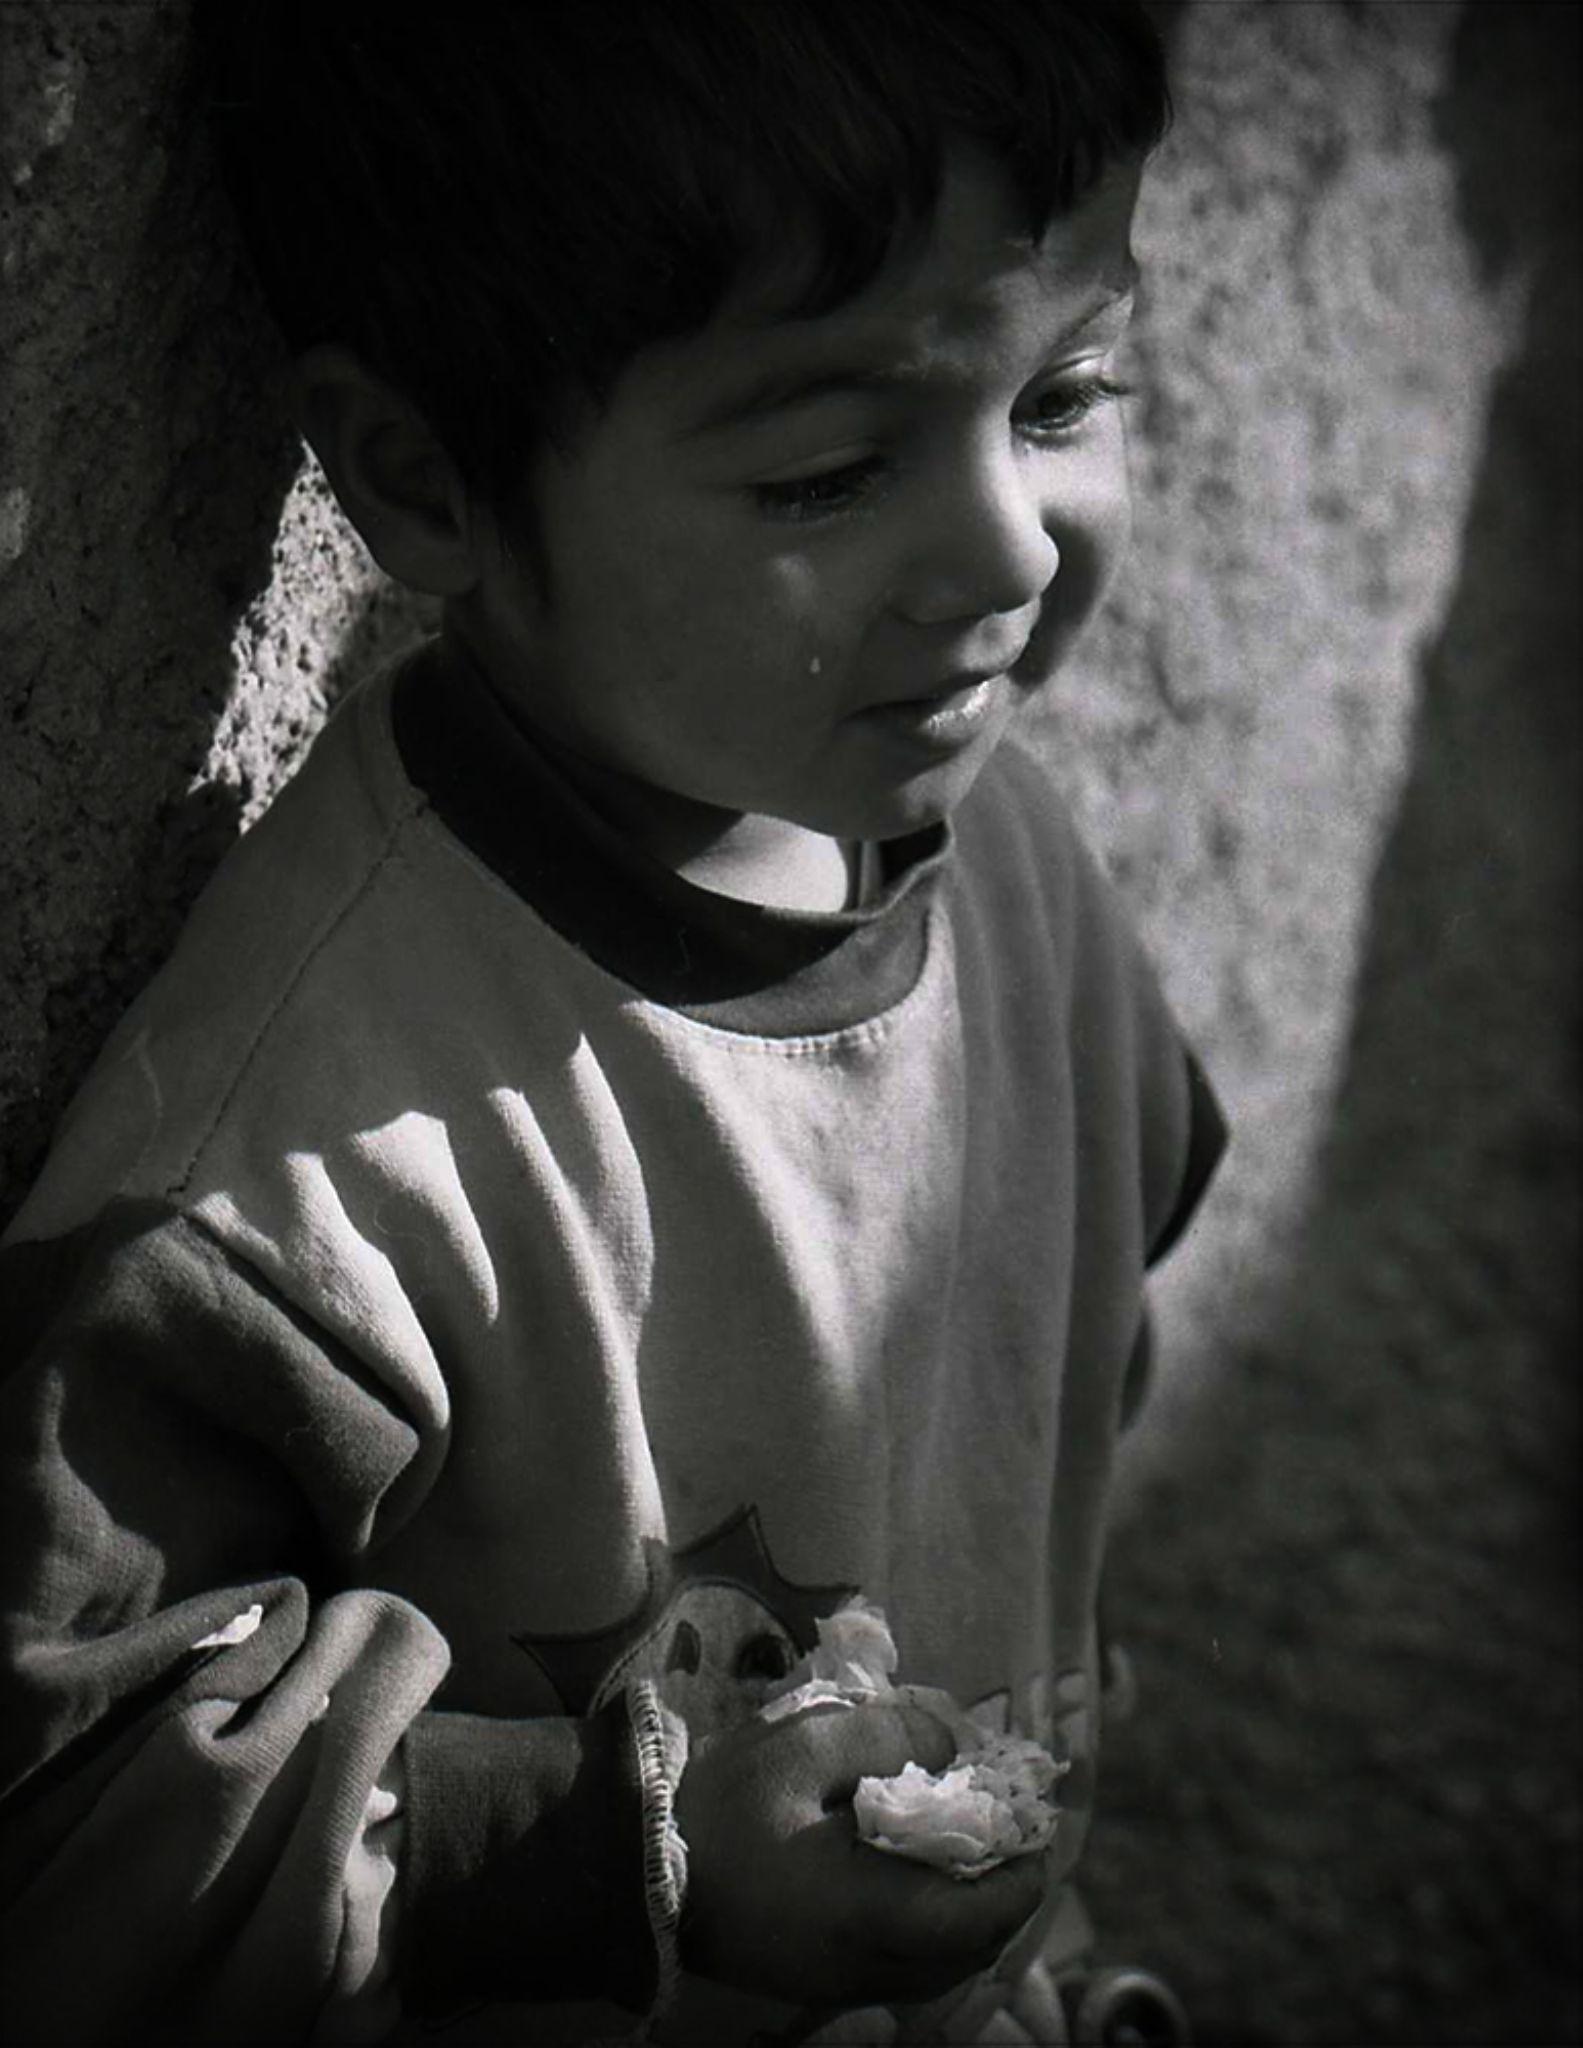 sad child by boranfot2